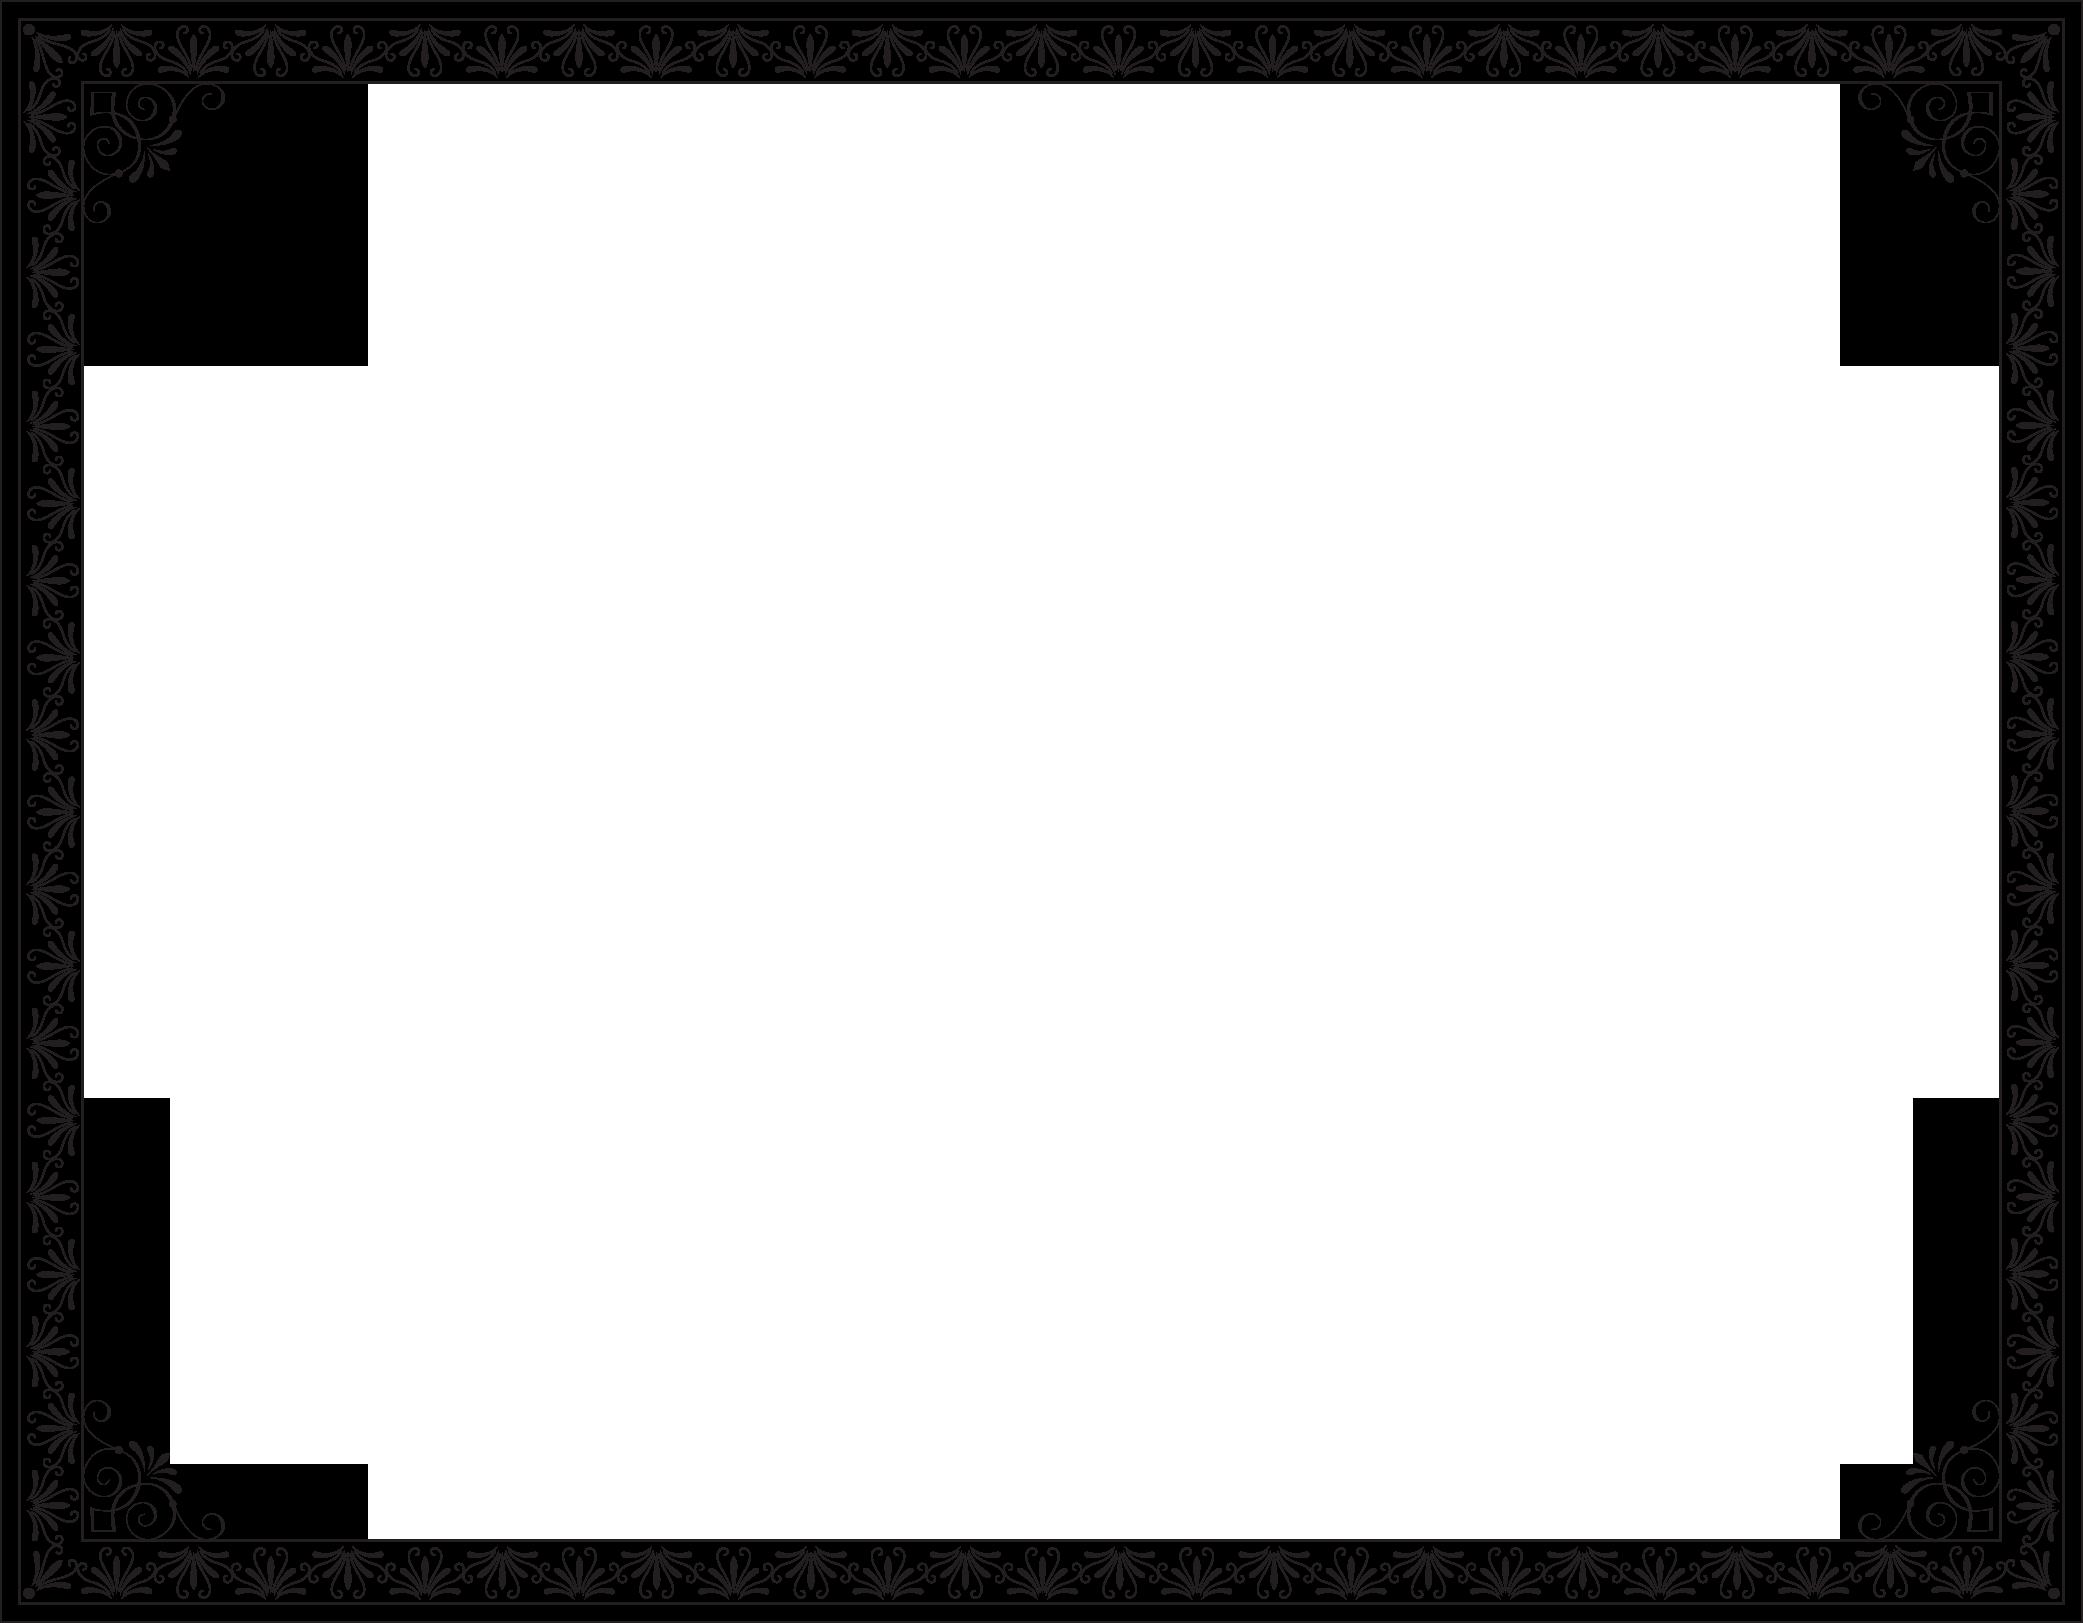 Чёрная рамка для поздравления с